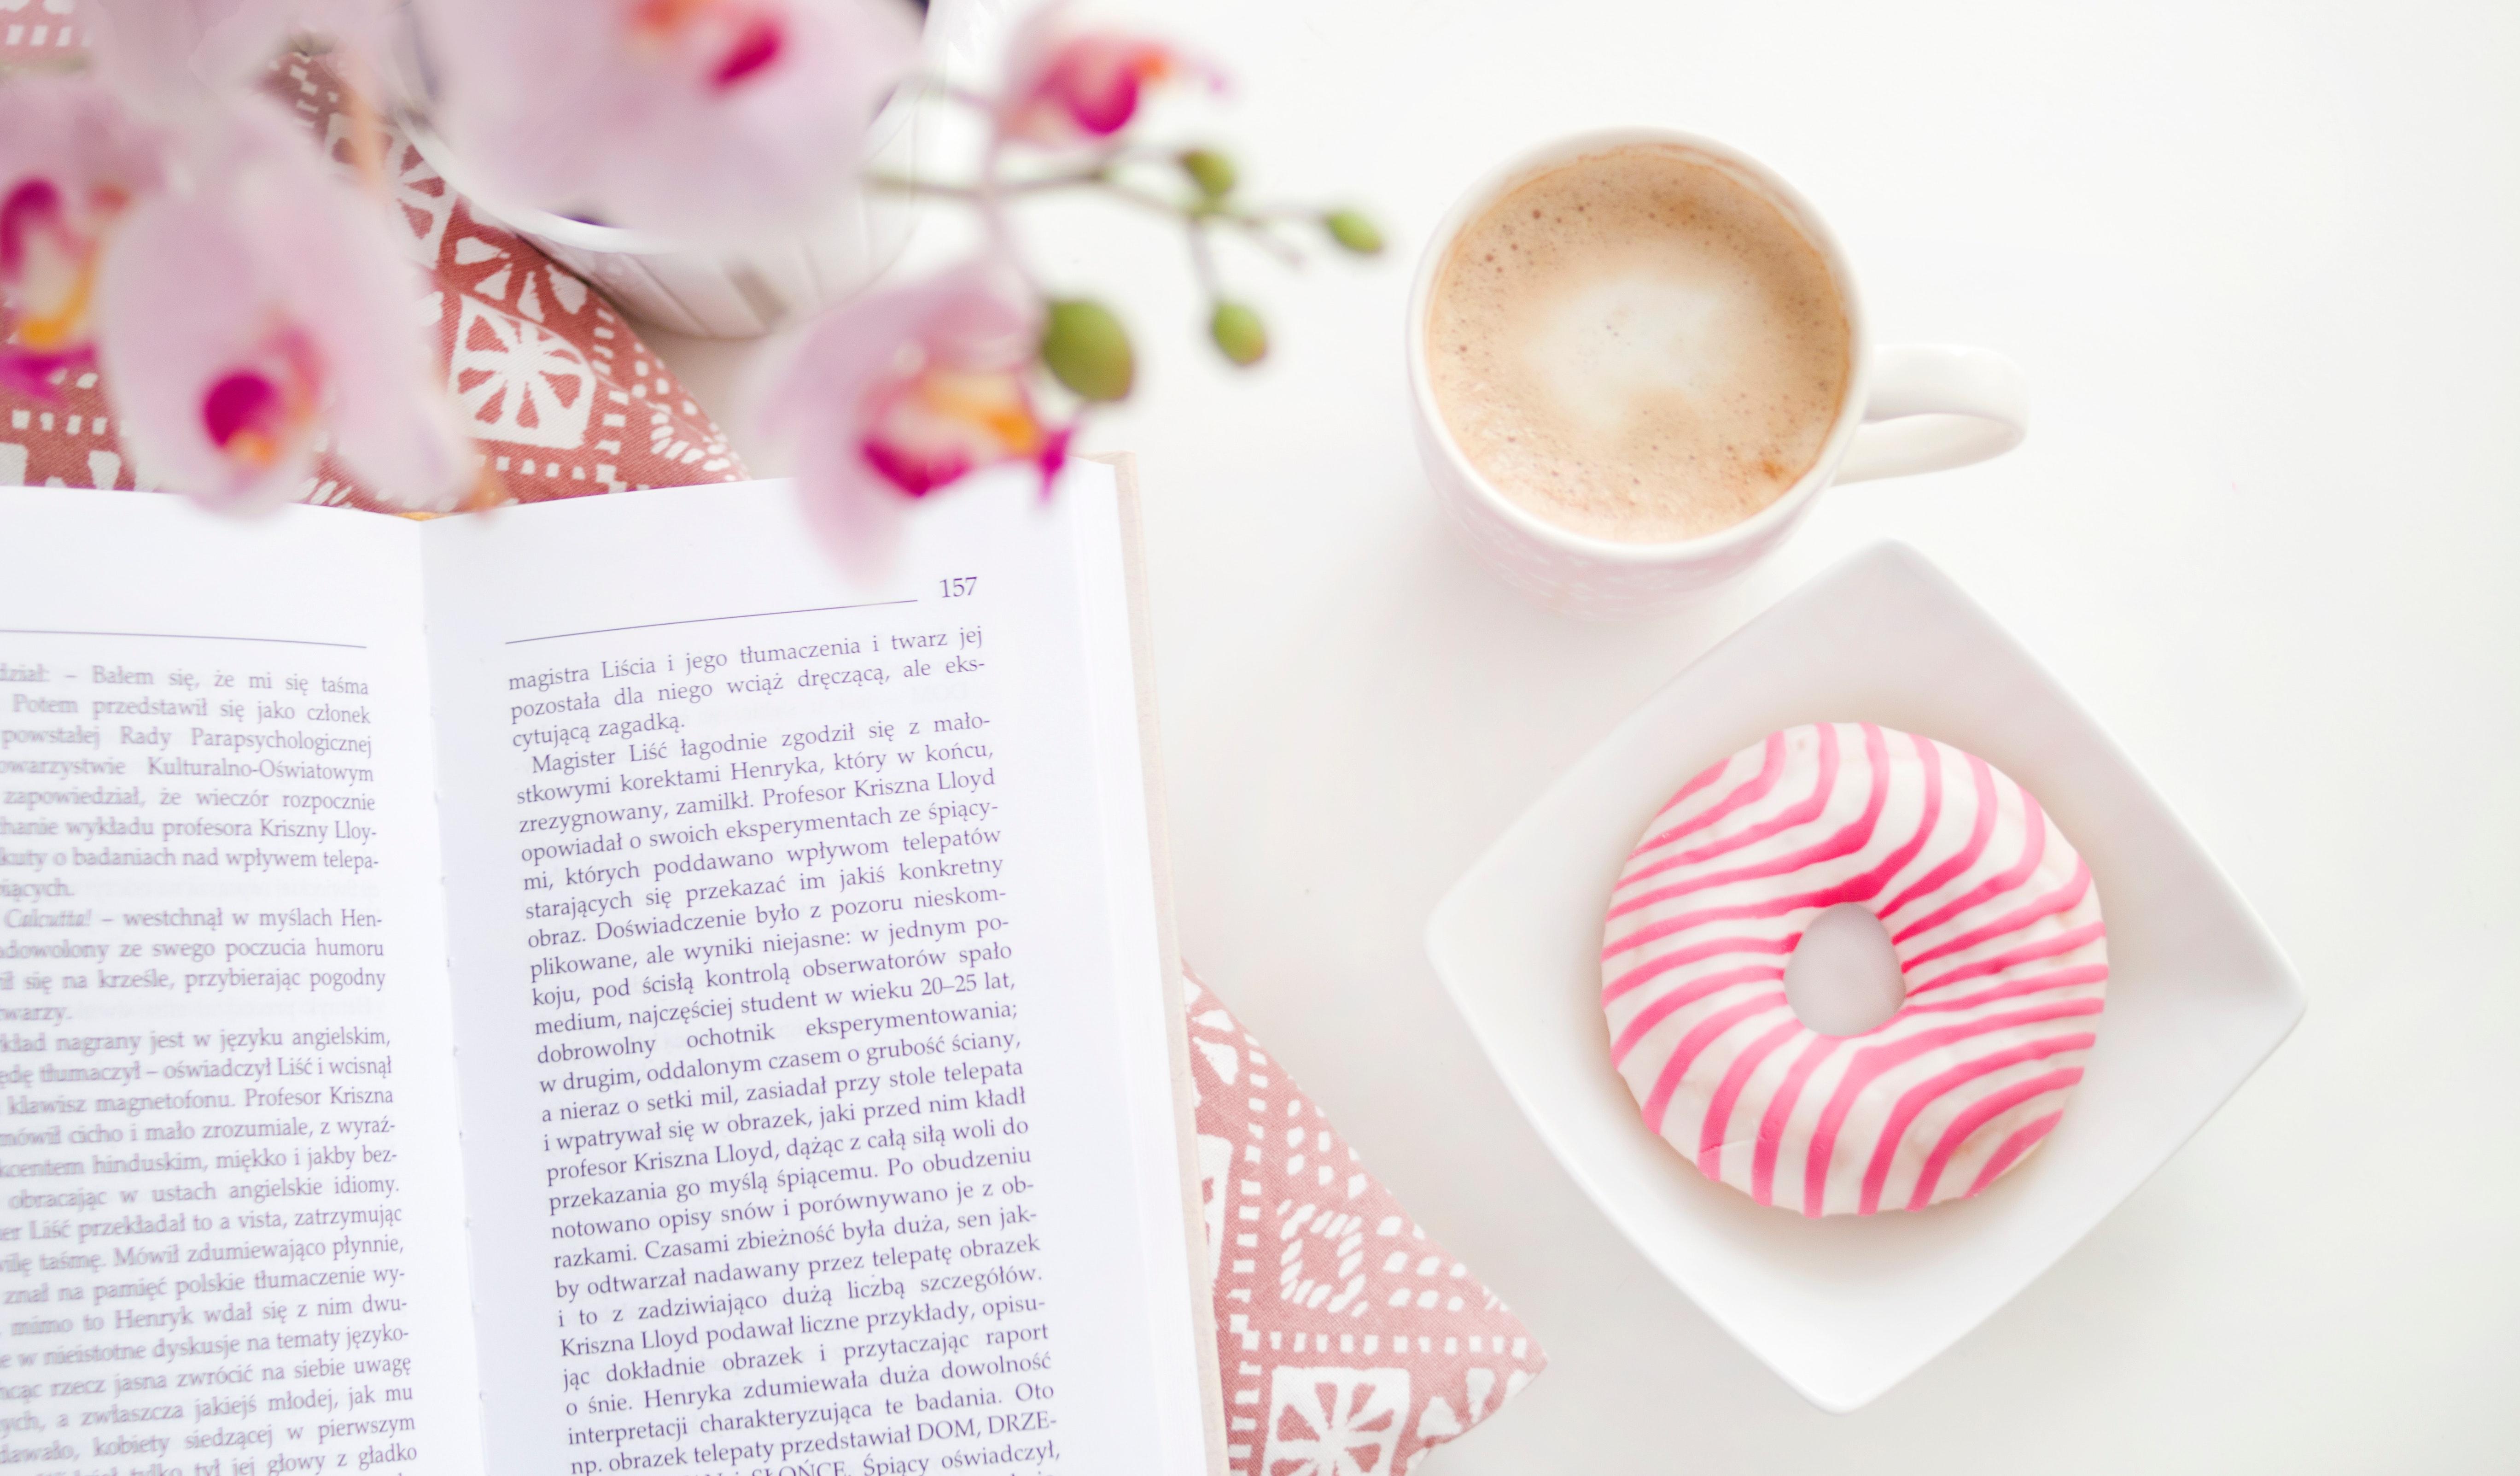 Boek op tafel met bloemetjes, een cappuccino en donut